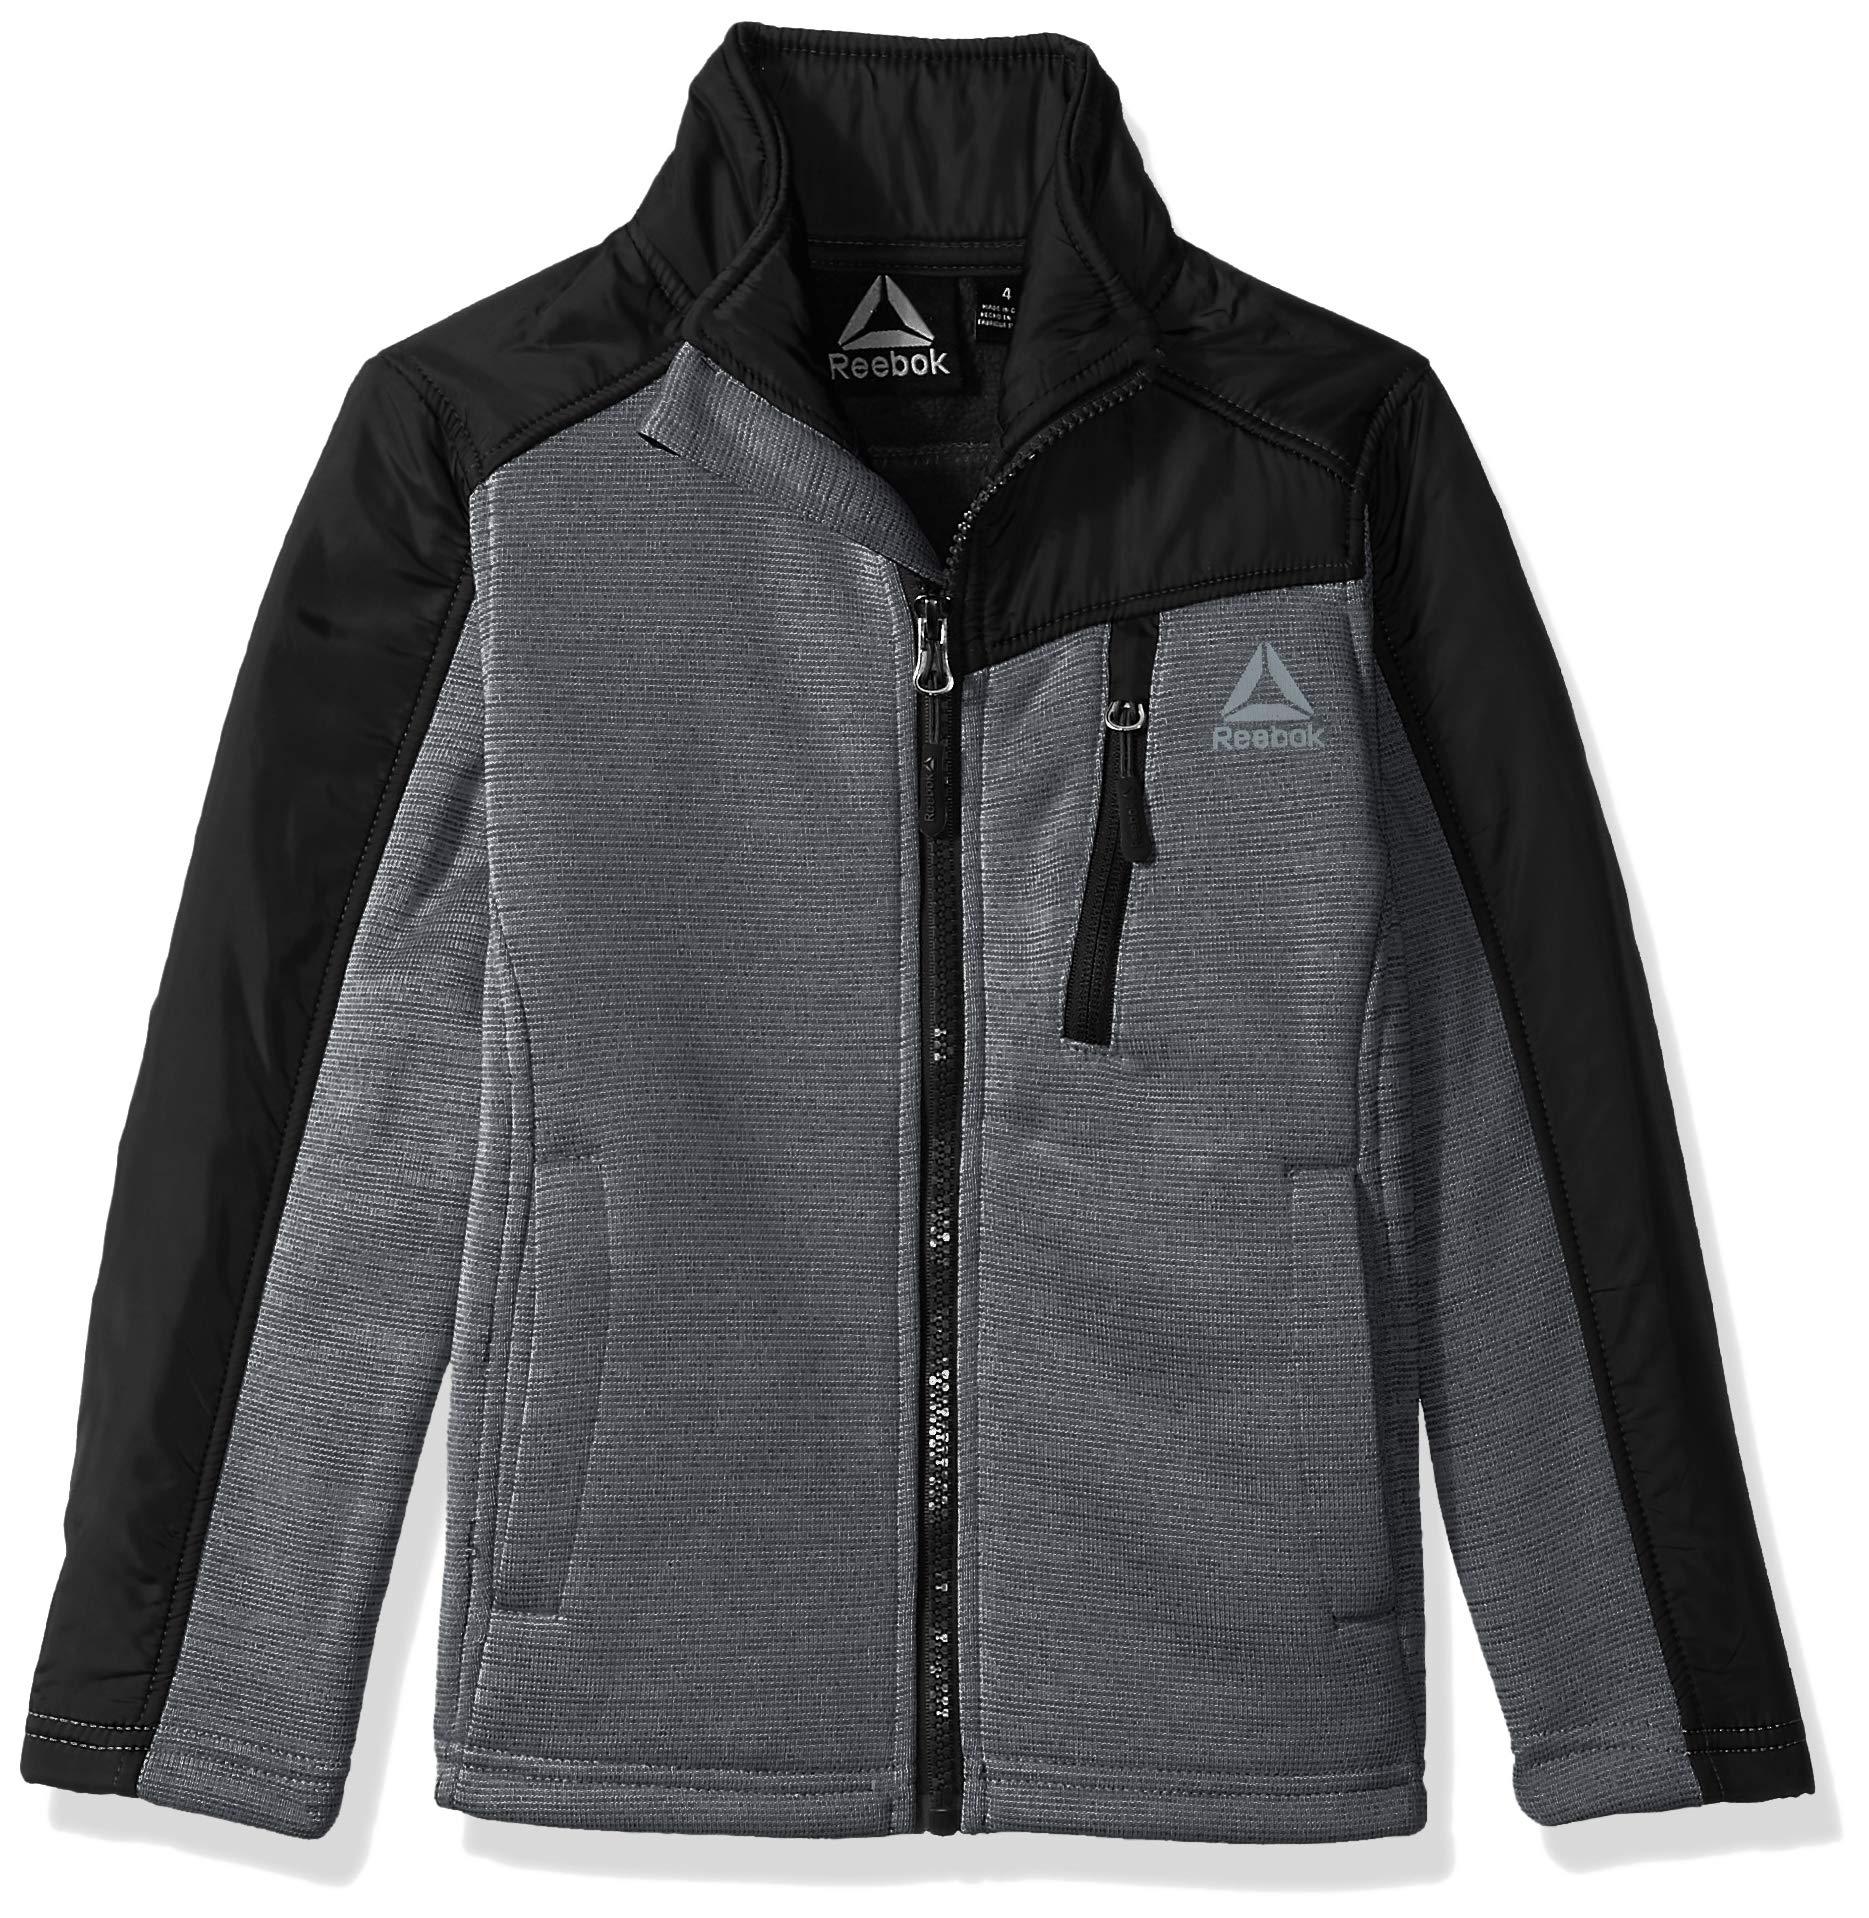 Reebok Boys' Big Active Soft Fleece Jacket, Charcoal, 10/12